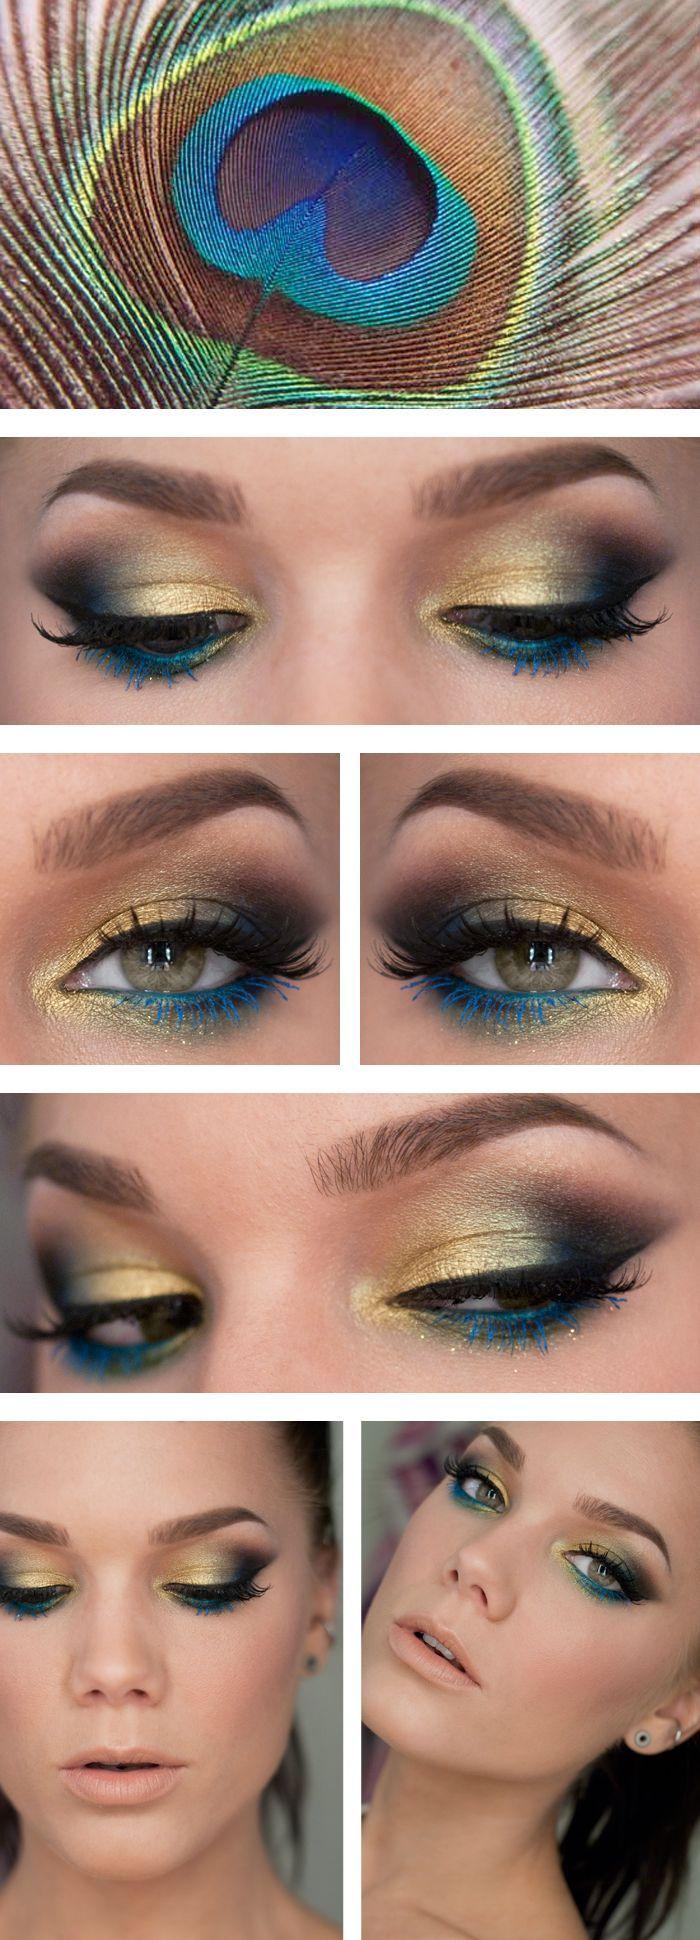 #Maquillaje inspirado en las #plumas de #pavo real. ¿Te gusta? Encuentra los tonos aquí.